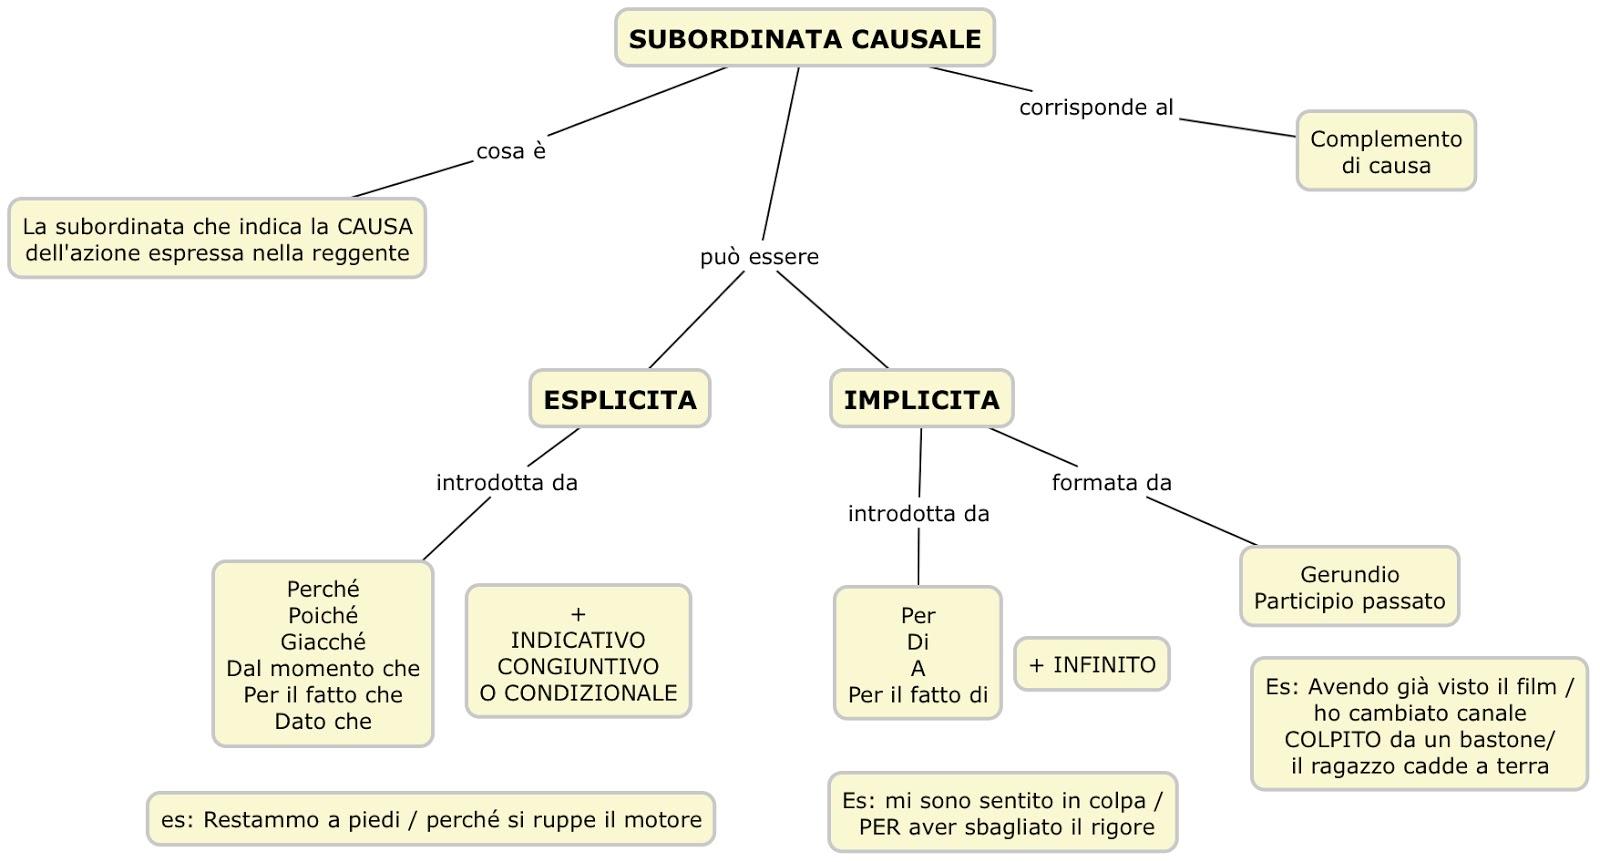 La subordinata causale mappa concettuale grammatica scrivoquindipenso - Diversi analisi grammaticale ...